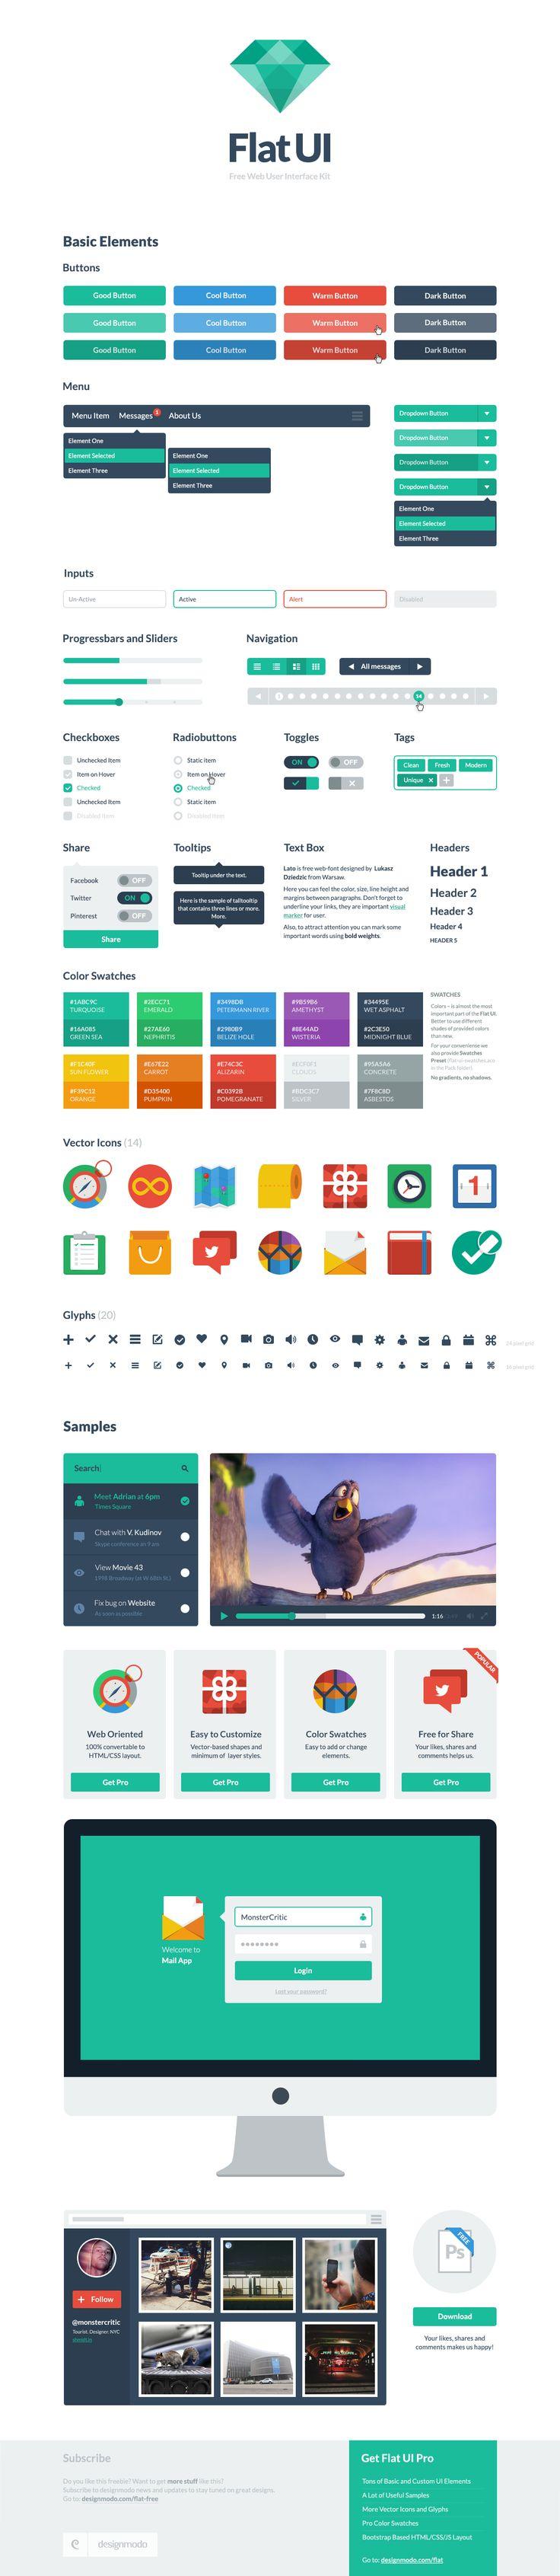 Flat-ui-kit-free - designmodo